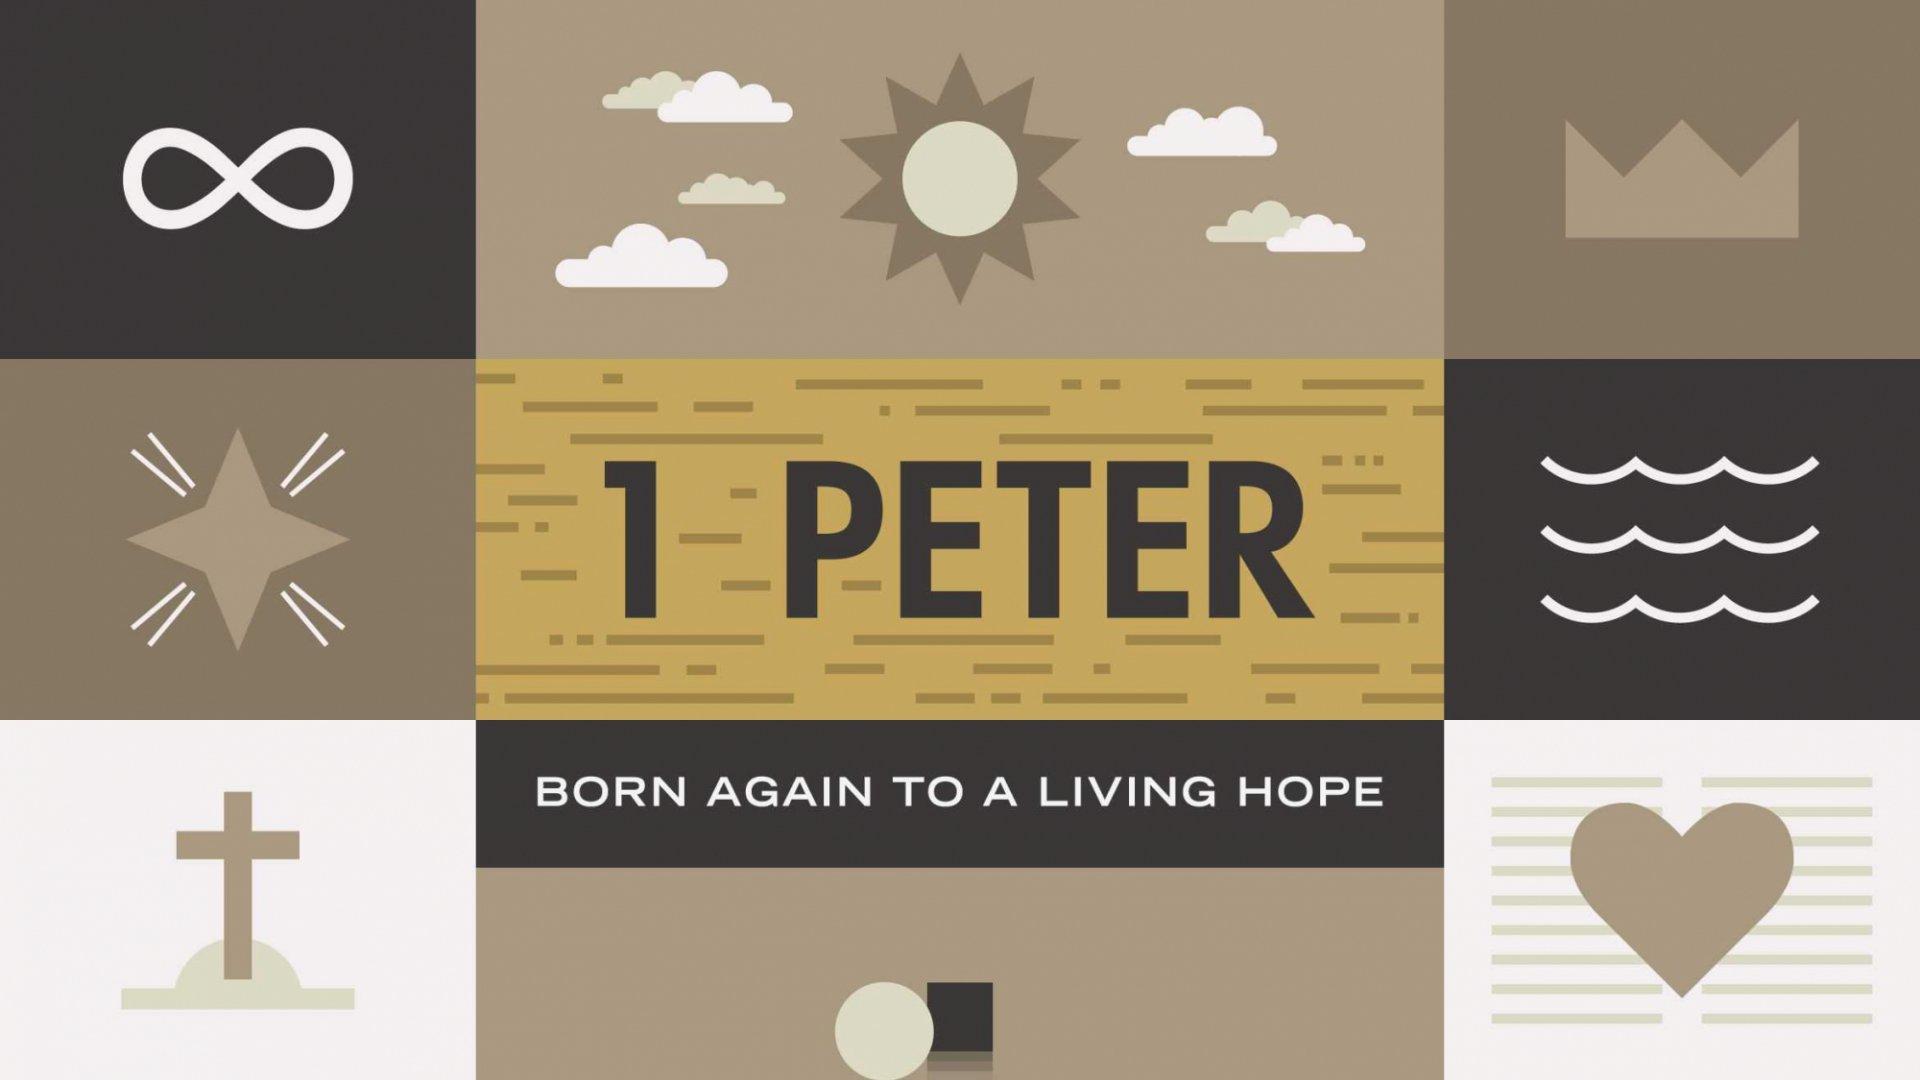 Teaching artwork for 1 Peter